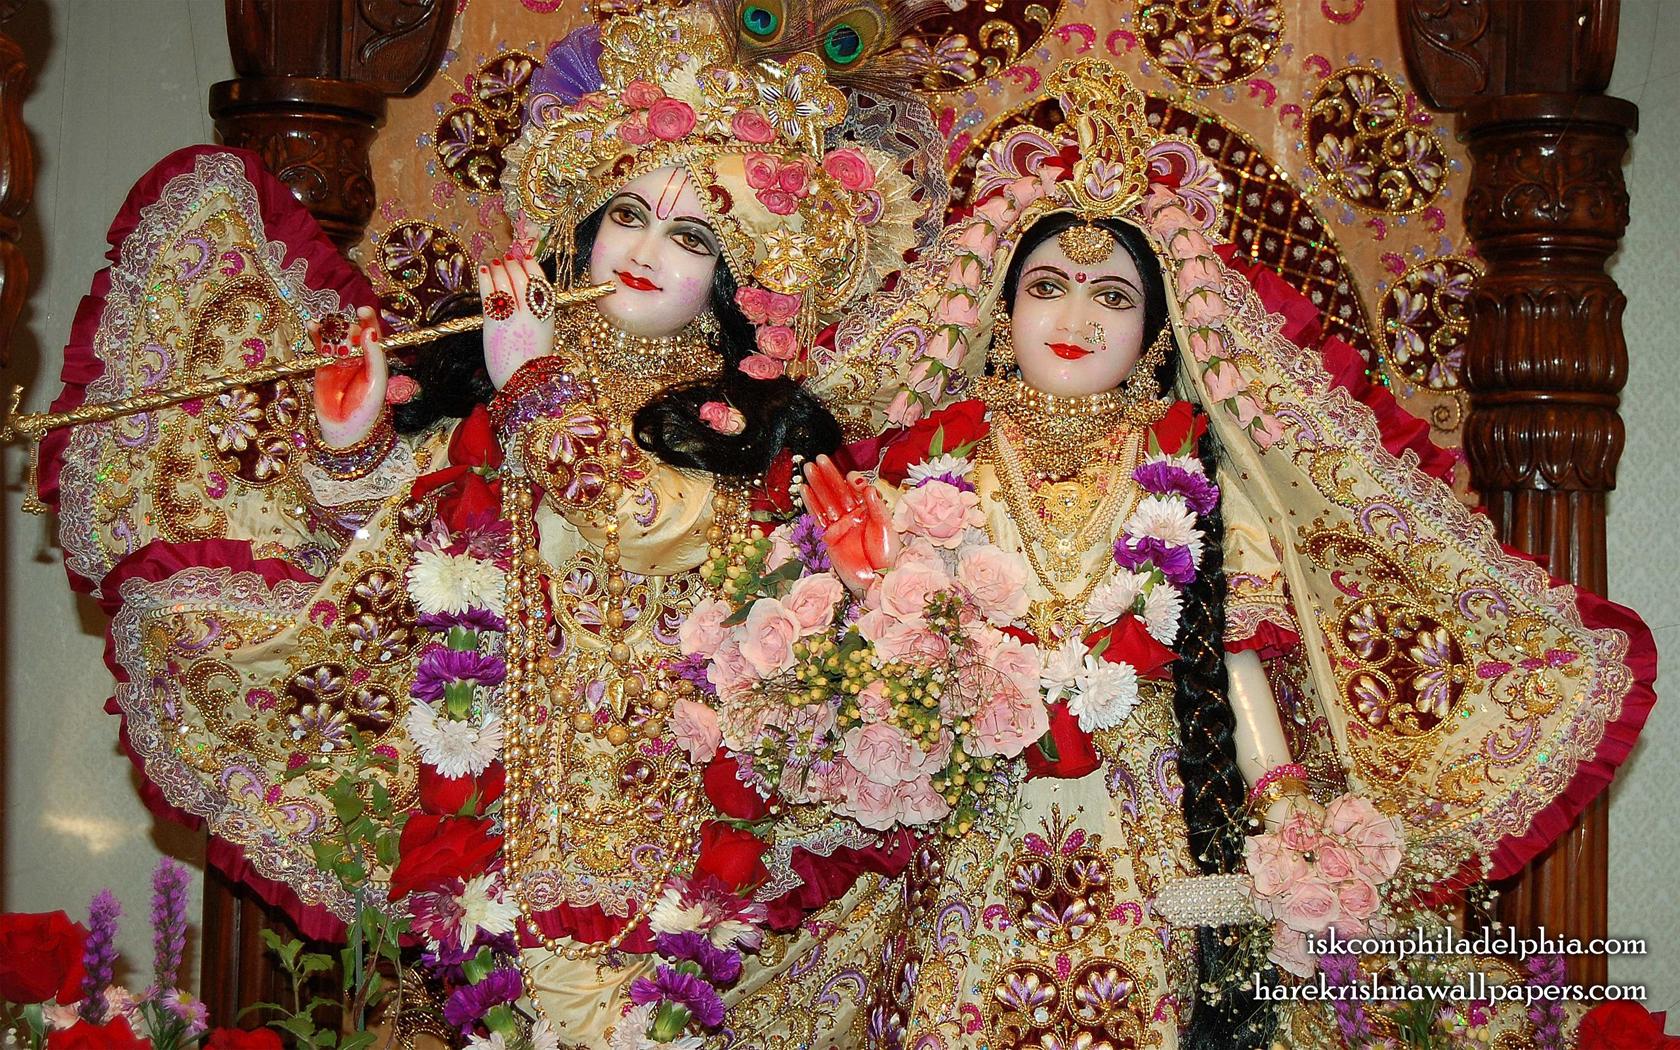 Sri Sri Radha Krishna Close up Wallpaper (015) Size 1680x1050 Download